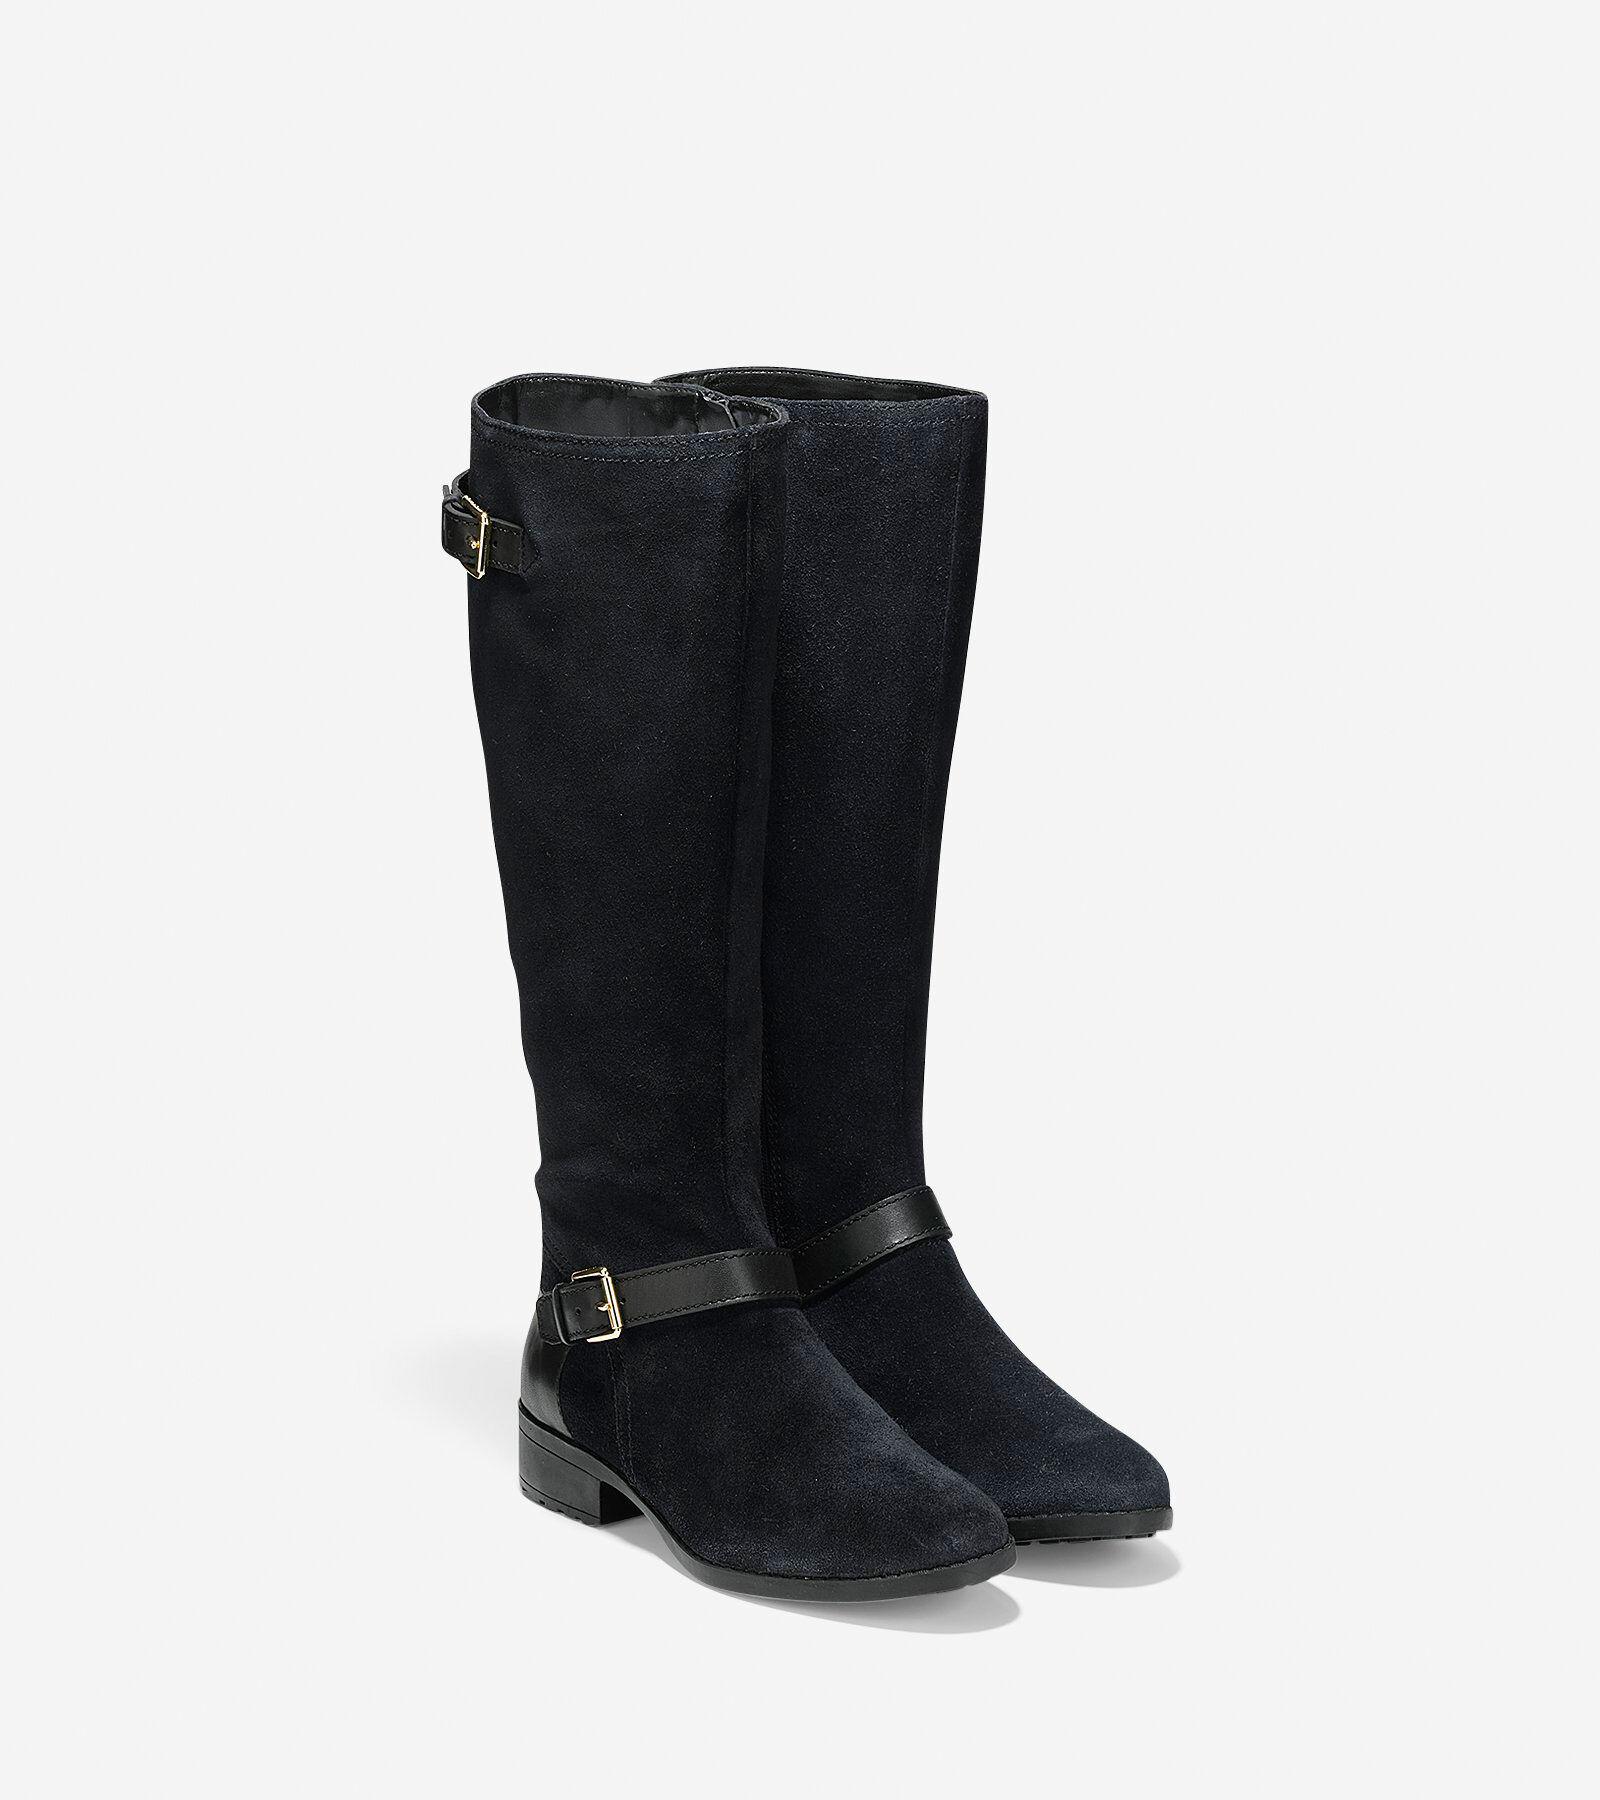 Marla Waterproof Boot Cole Haan C4L30